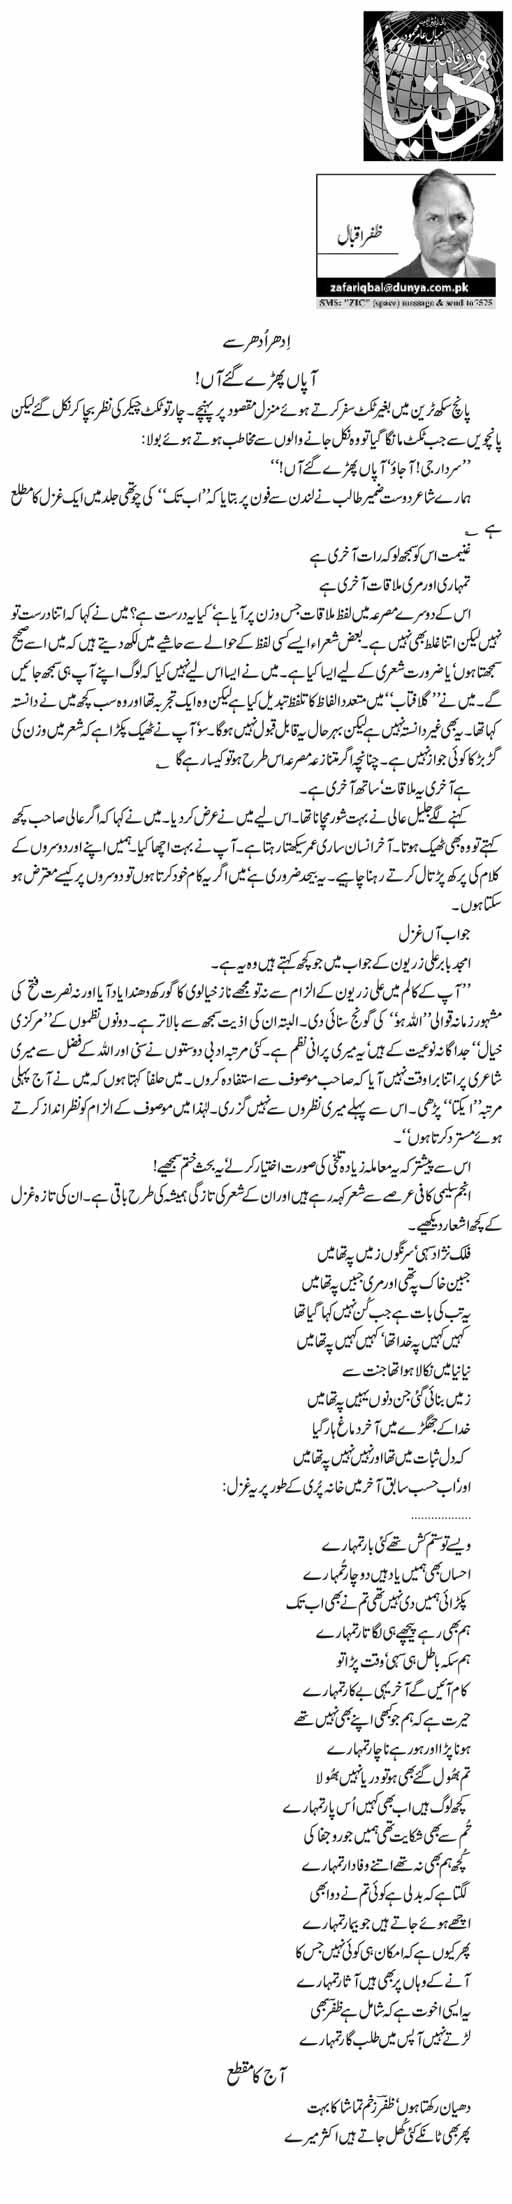 Idher Udhar Se (2) | Zafar Iqbal | Daily Urdu Columns